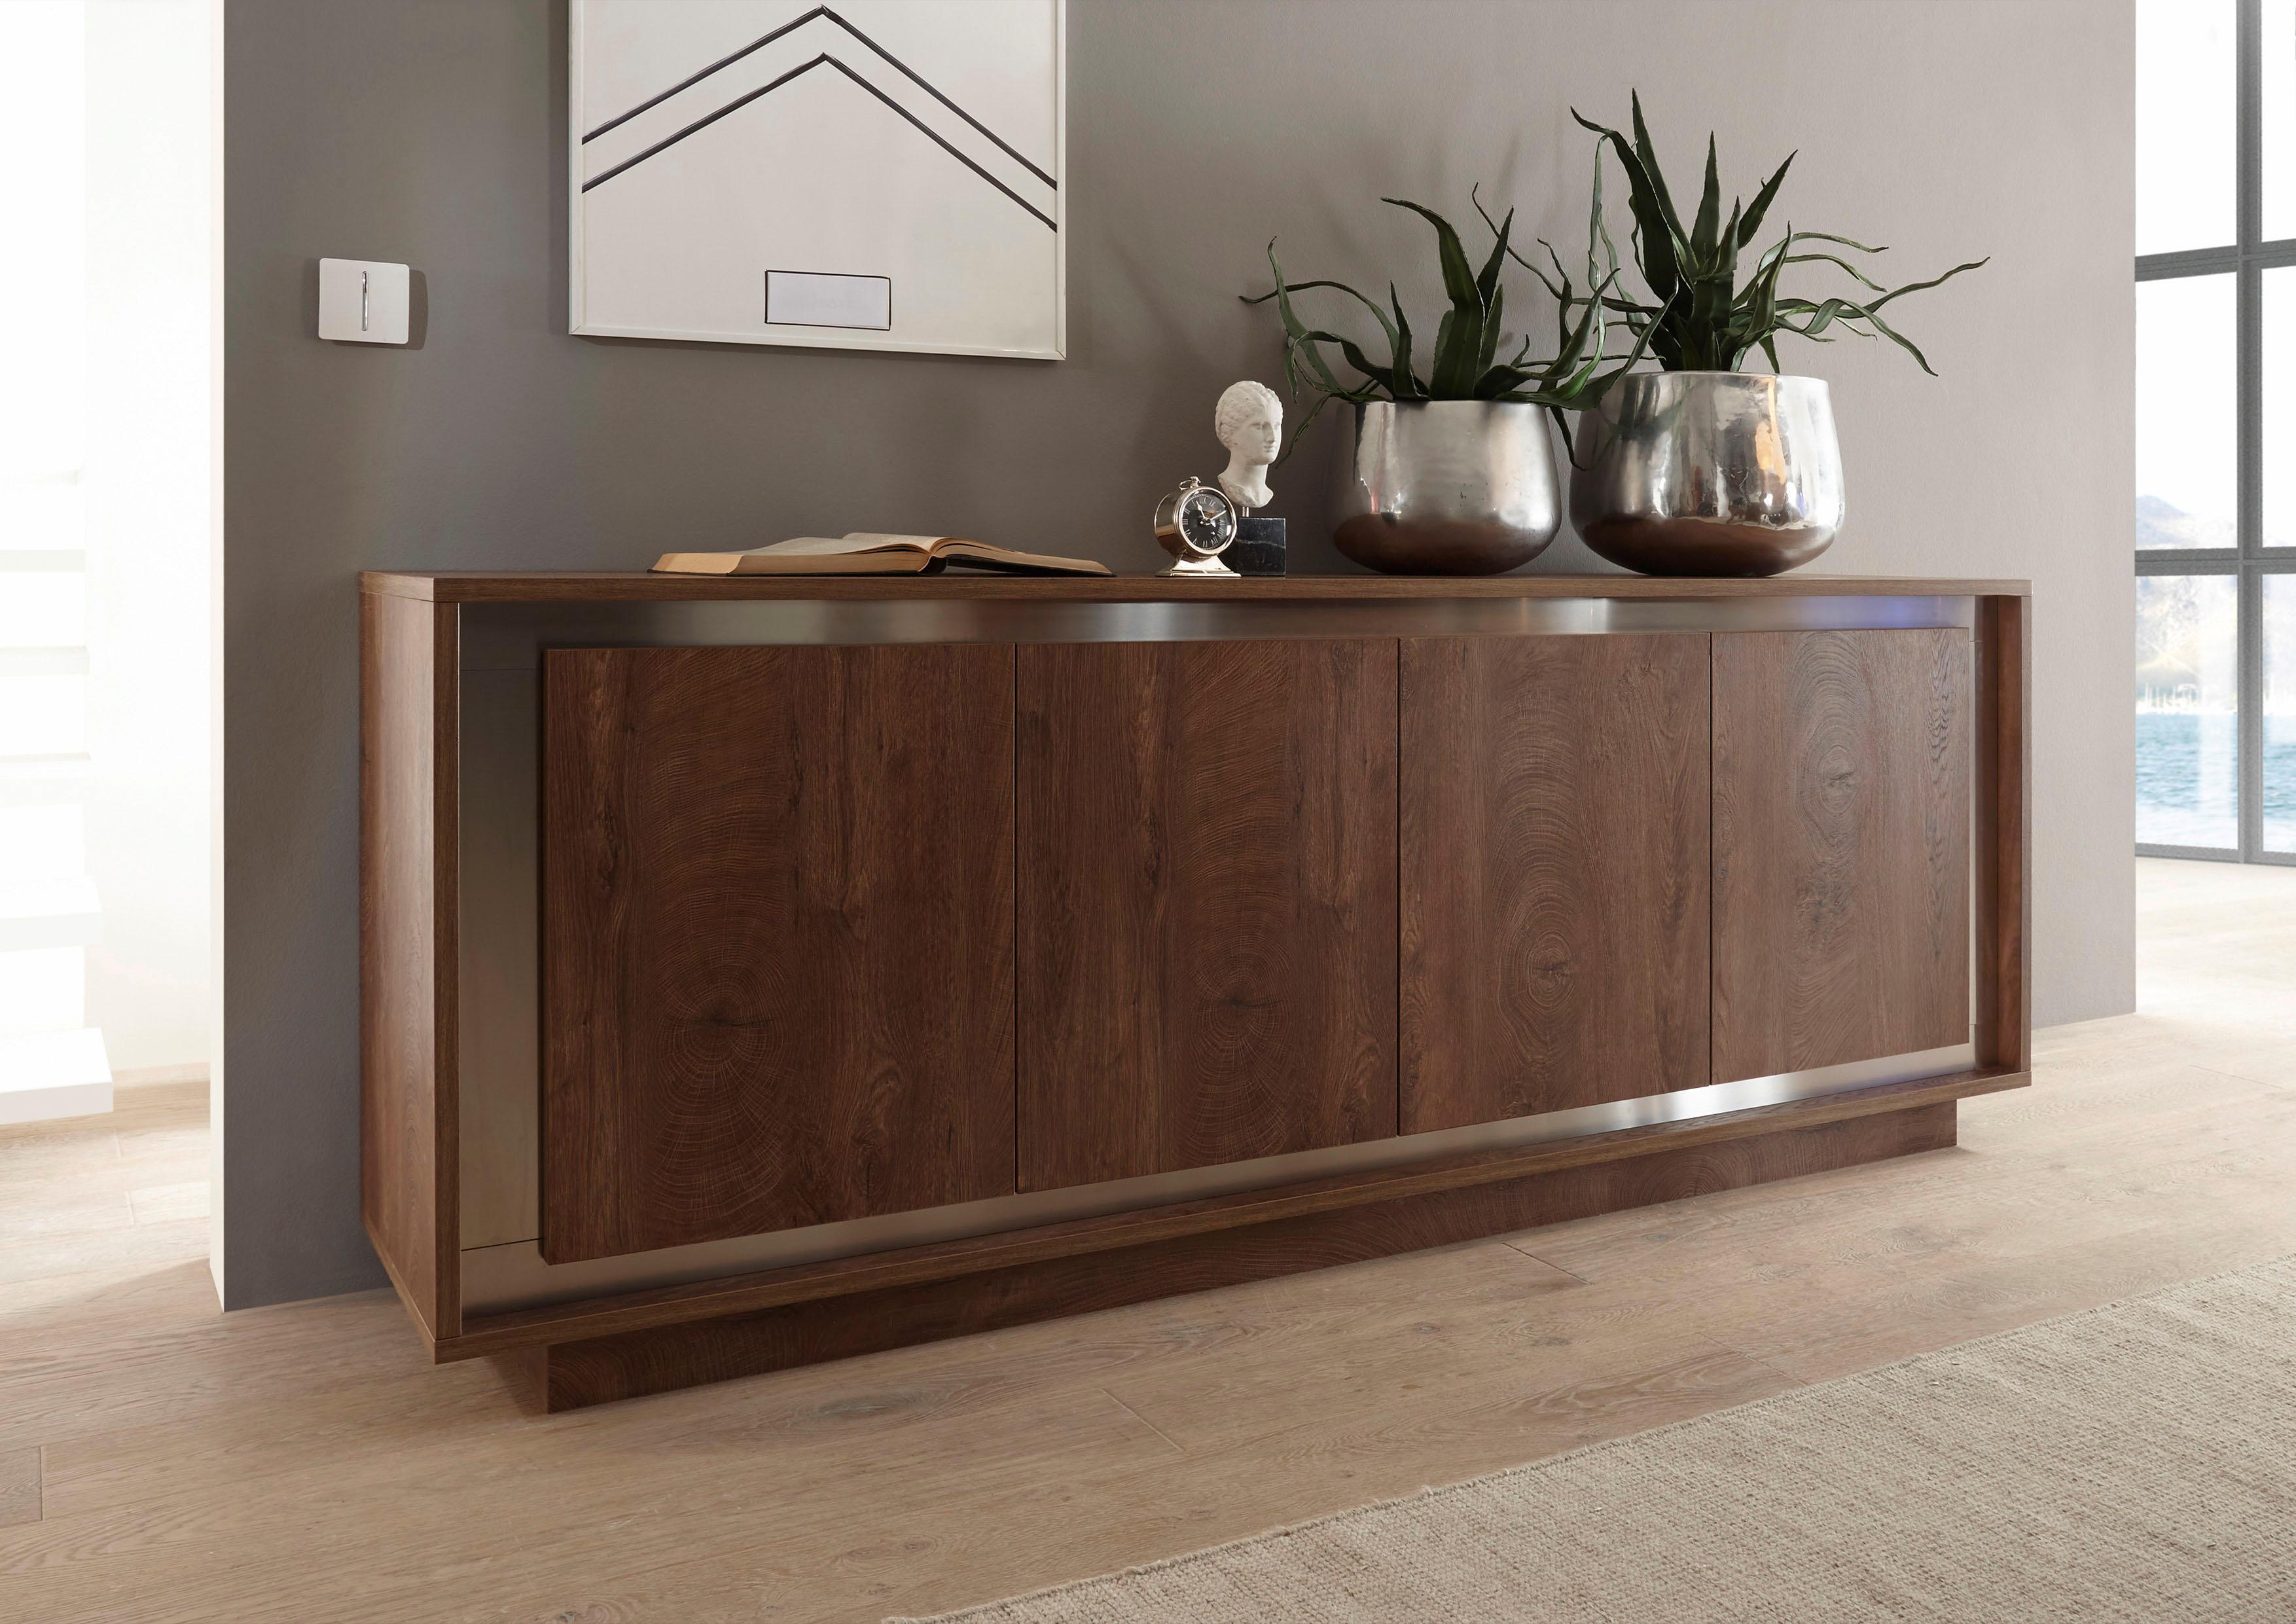 lc sky sideboard breite 207 cm auf rechnung kaufen baur. Black Bedroom Furniture Sets. Home Design Ideas